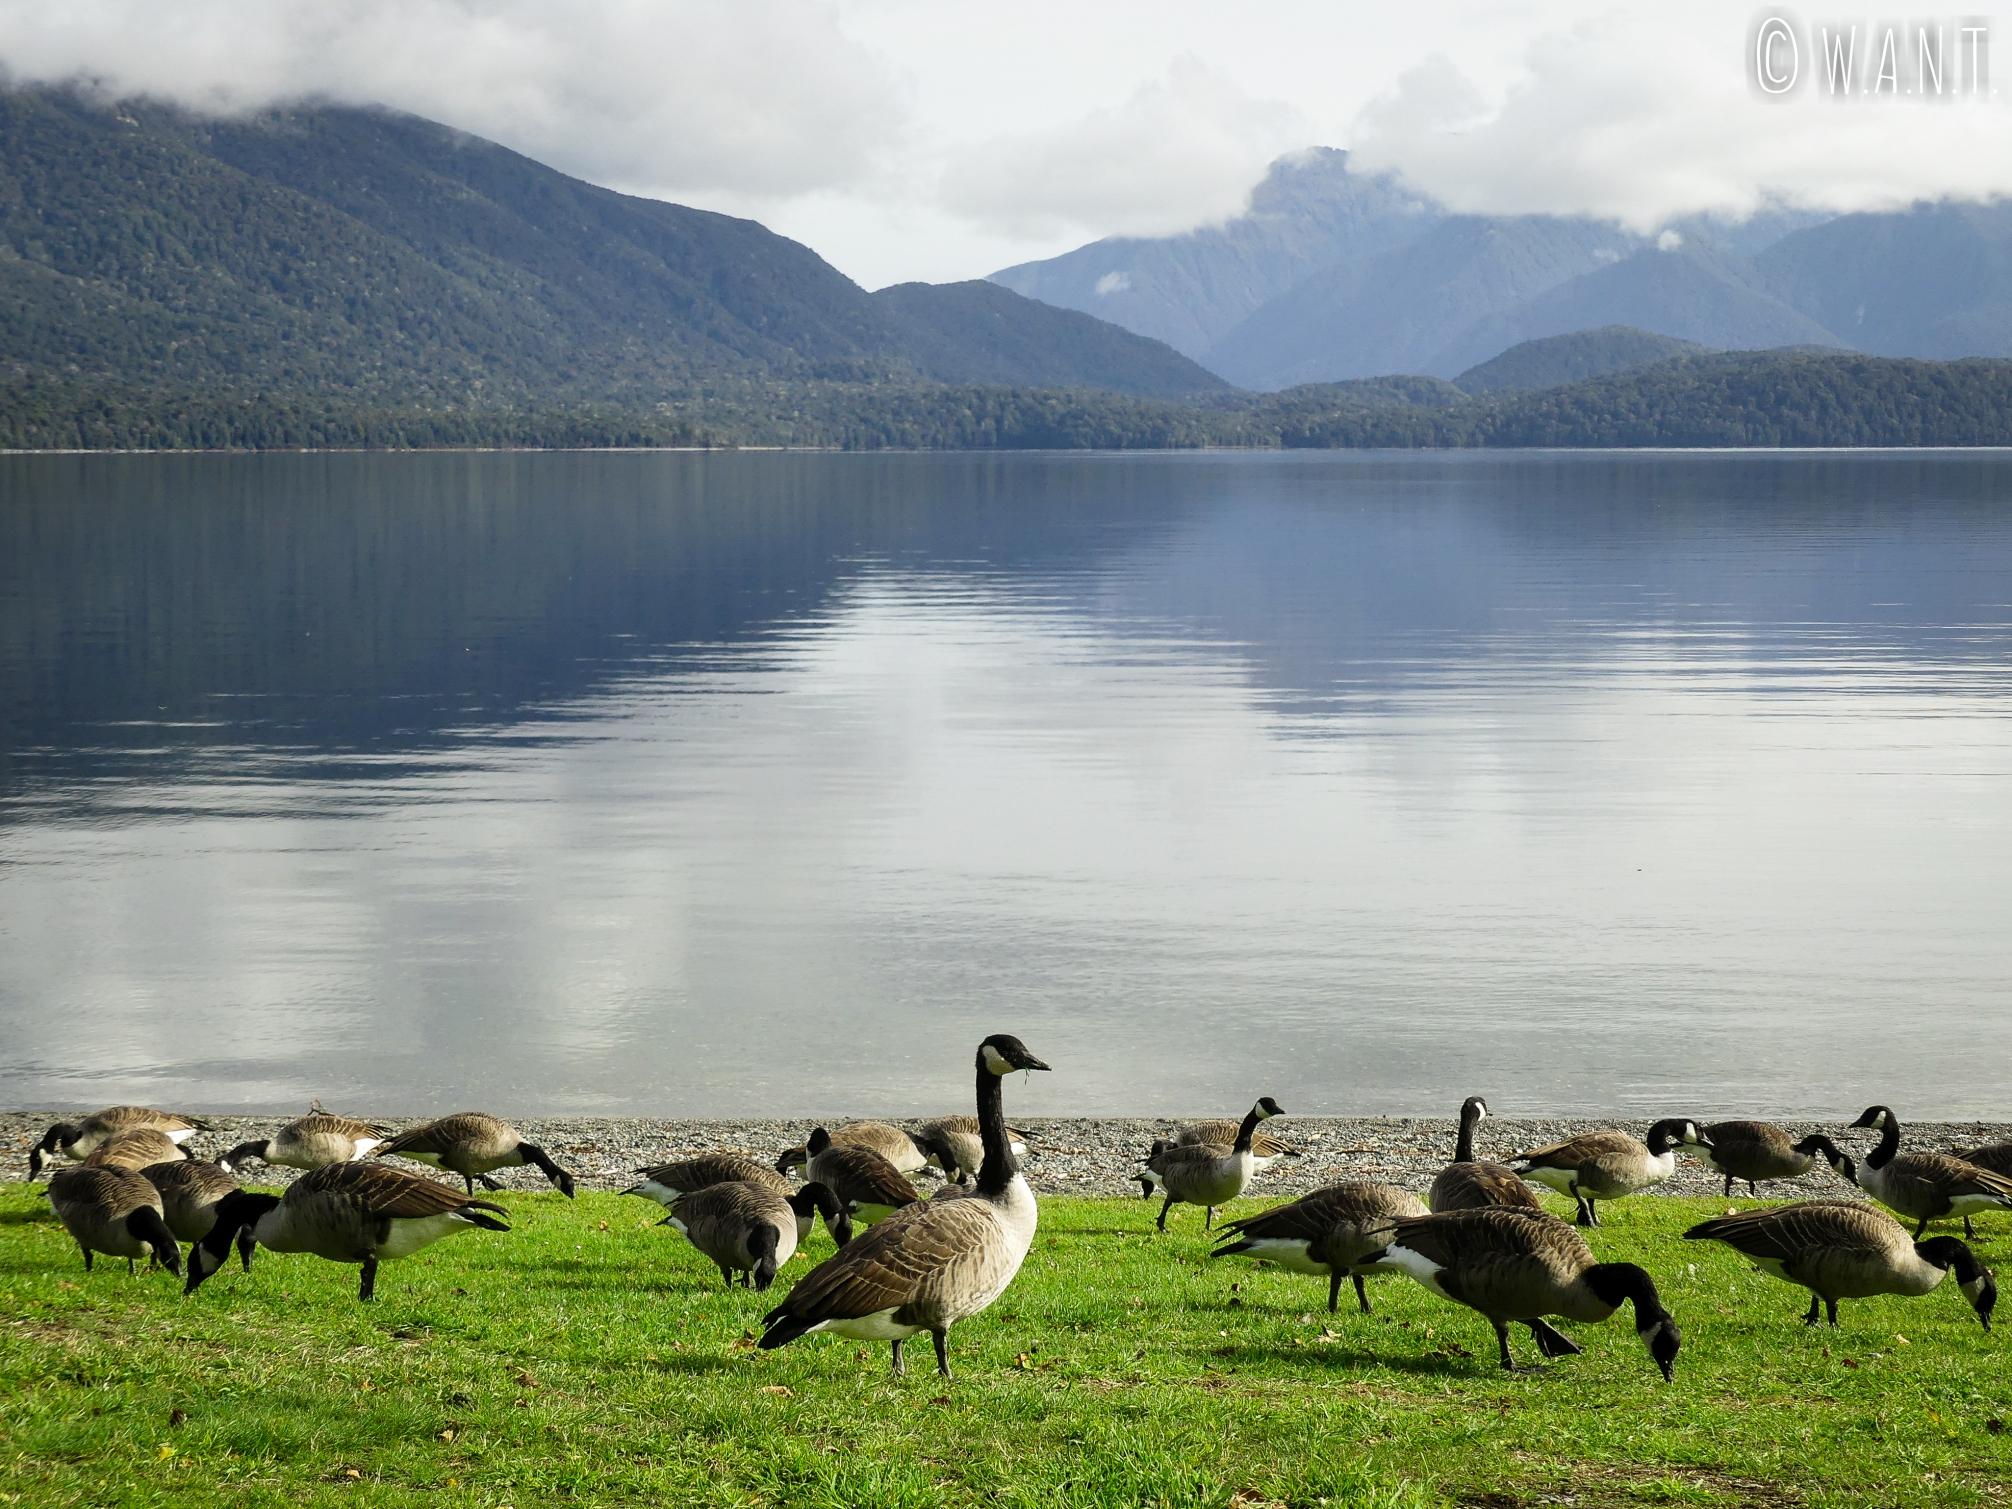 Les bernaches ont élu domicile au bord du lac de Te Anau en Nouvelle-Zélande